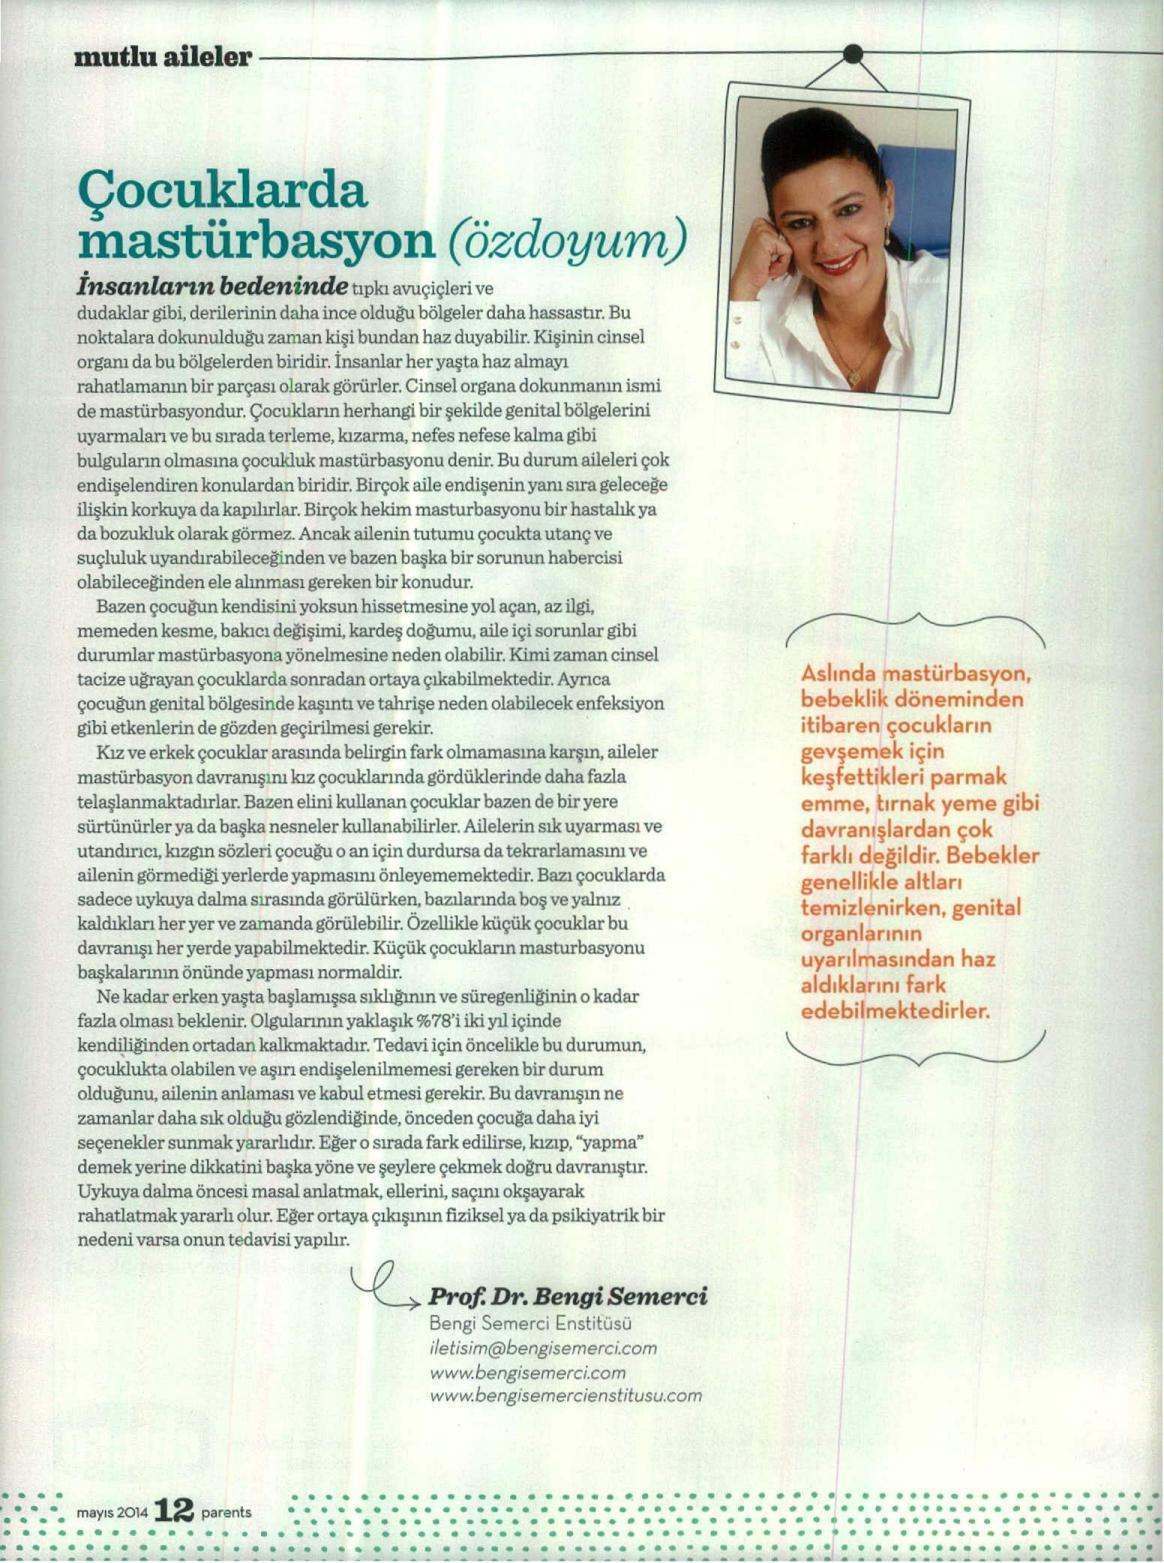 Çocuklarda mastürbasyon (özdoyum) - PARENTS 01.05.2014